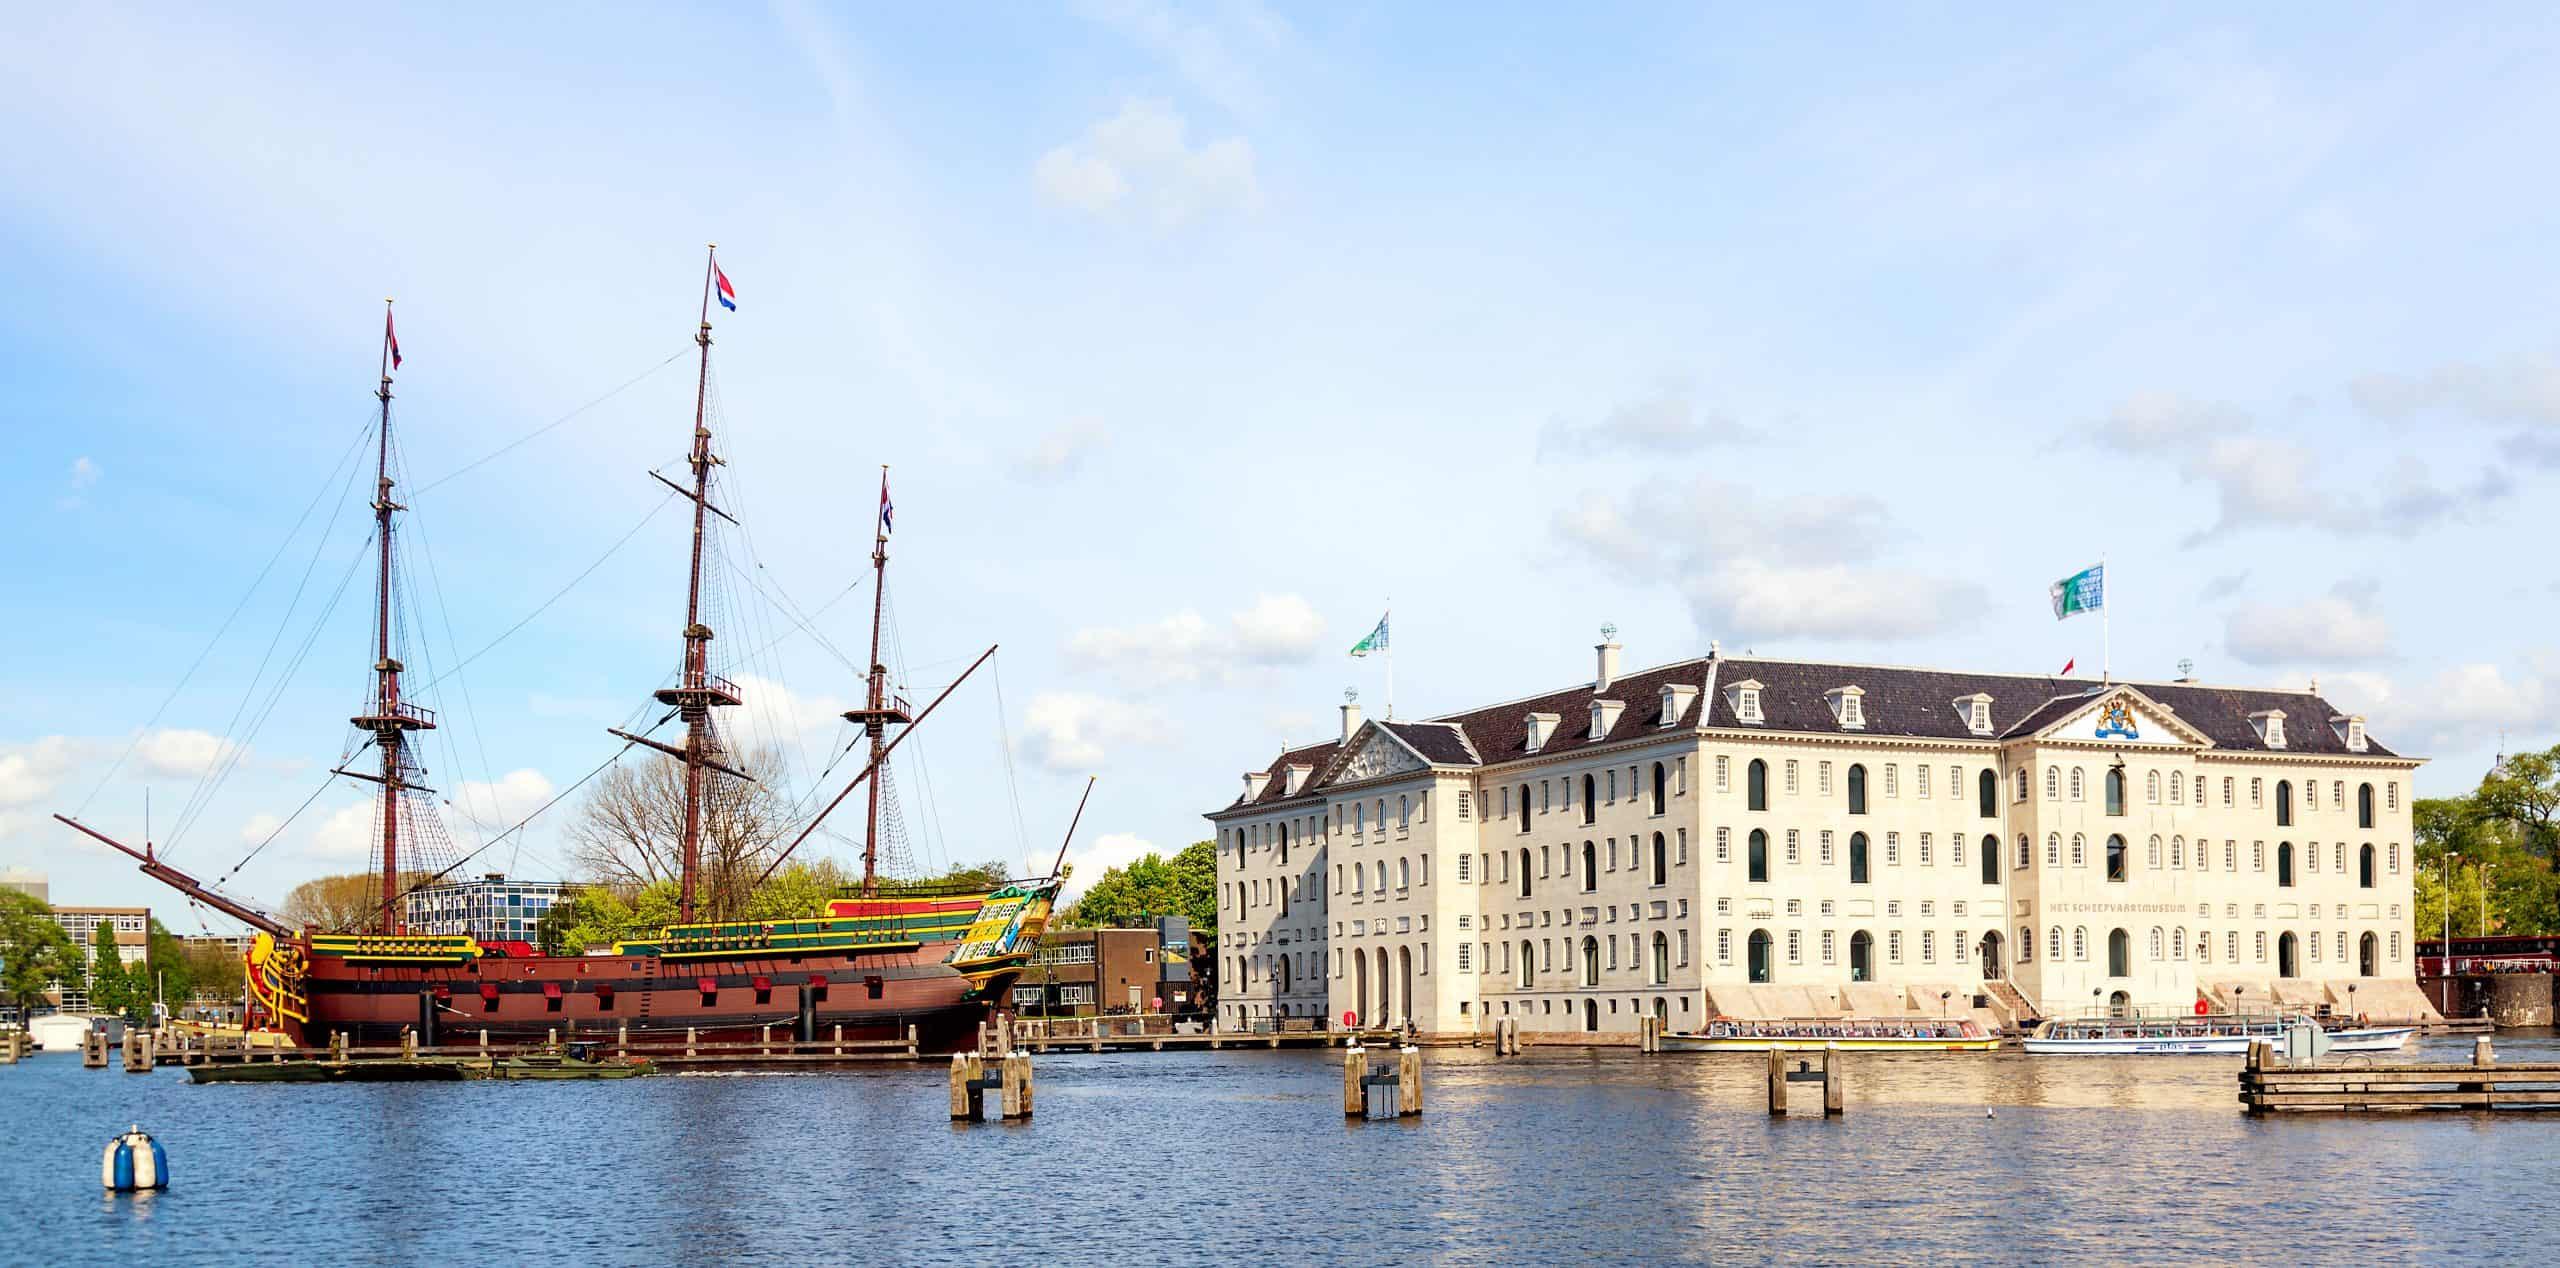 Scheepvaart museum, onderdeel van musea van Amsterdam